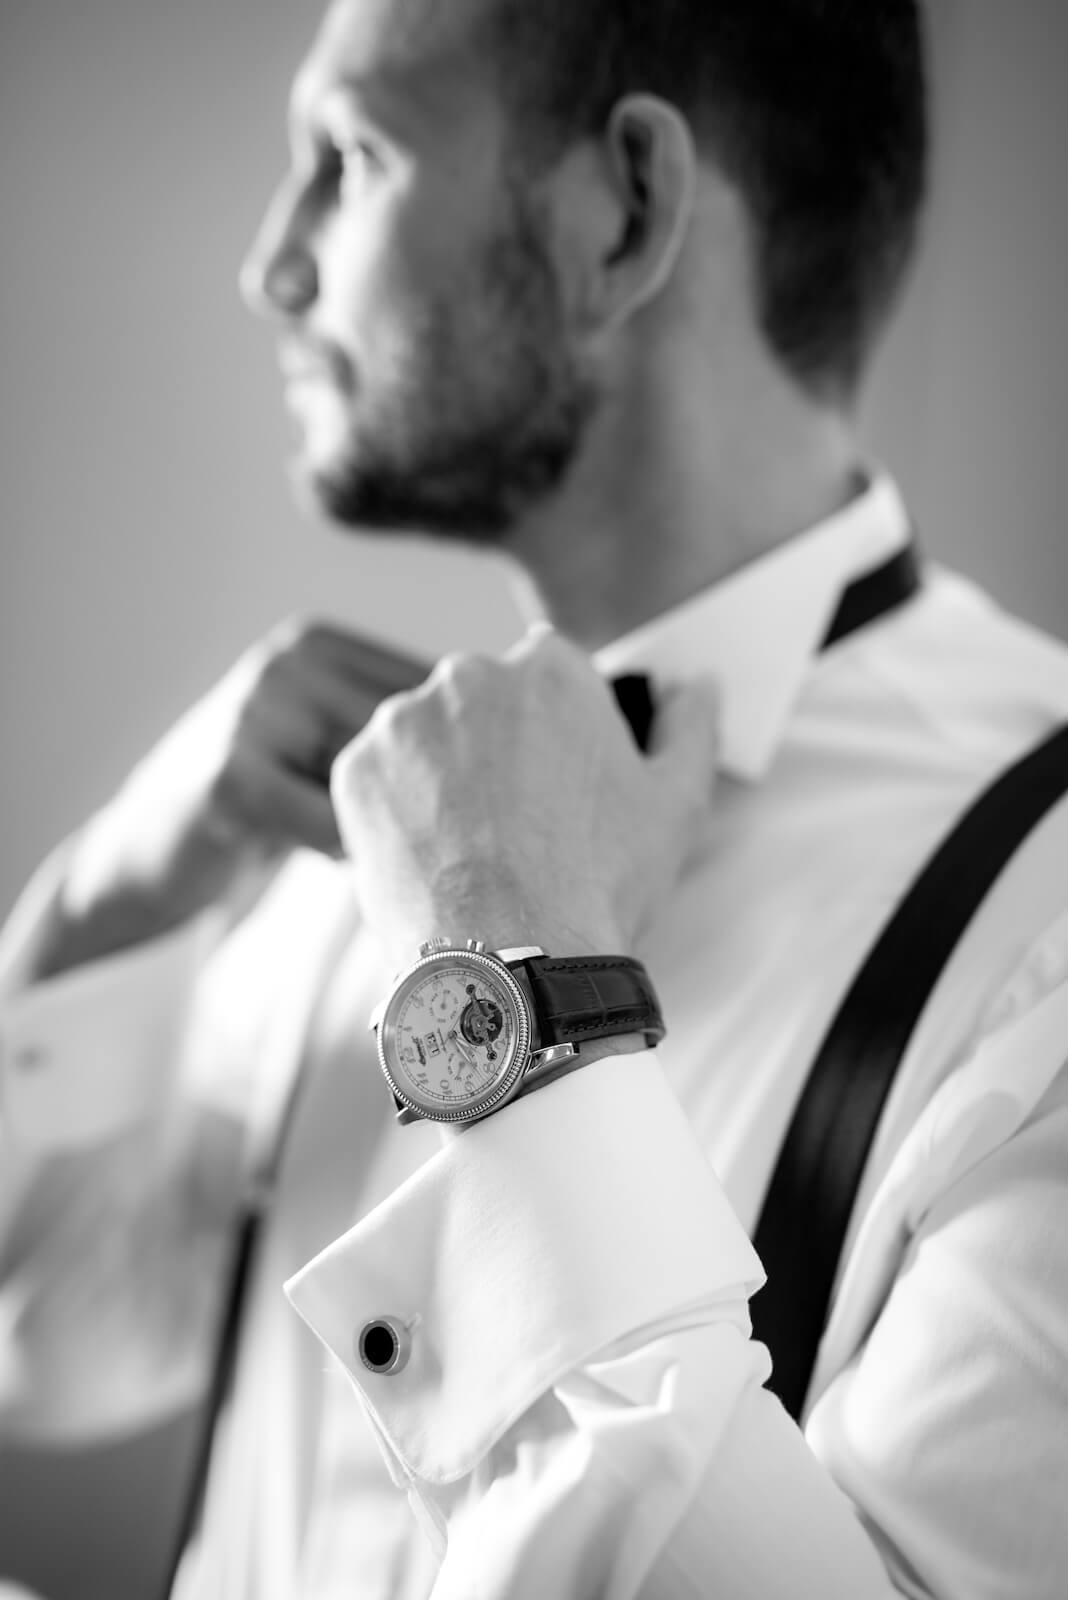 Hochzeit Gardasee - Bräutigam richtet seine Fliege aus, im Vordergrund seine Uhr